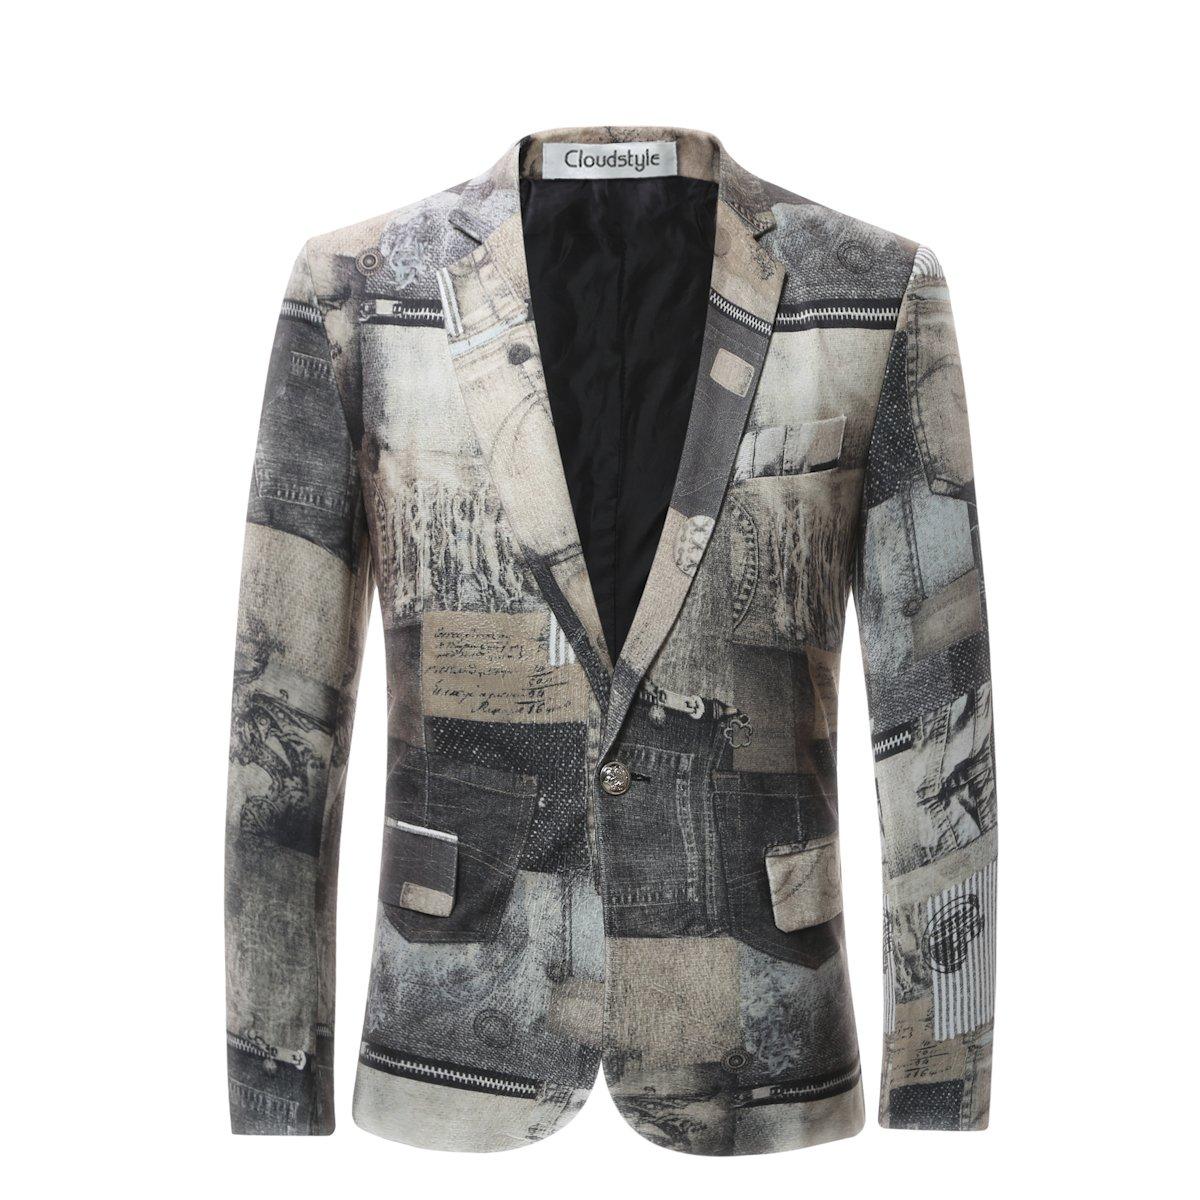 Cloudstyle Men's Blazer Slim Fit Notched Lapel Suit Jacket Coat HK920604